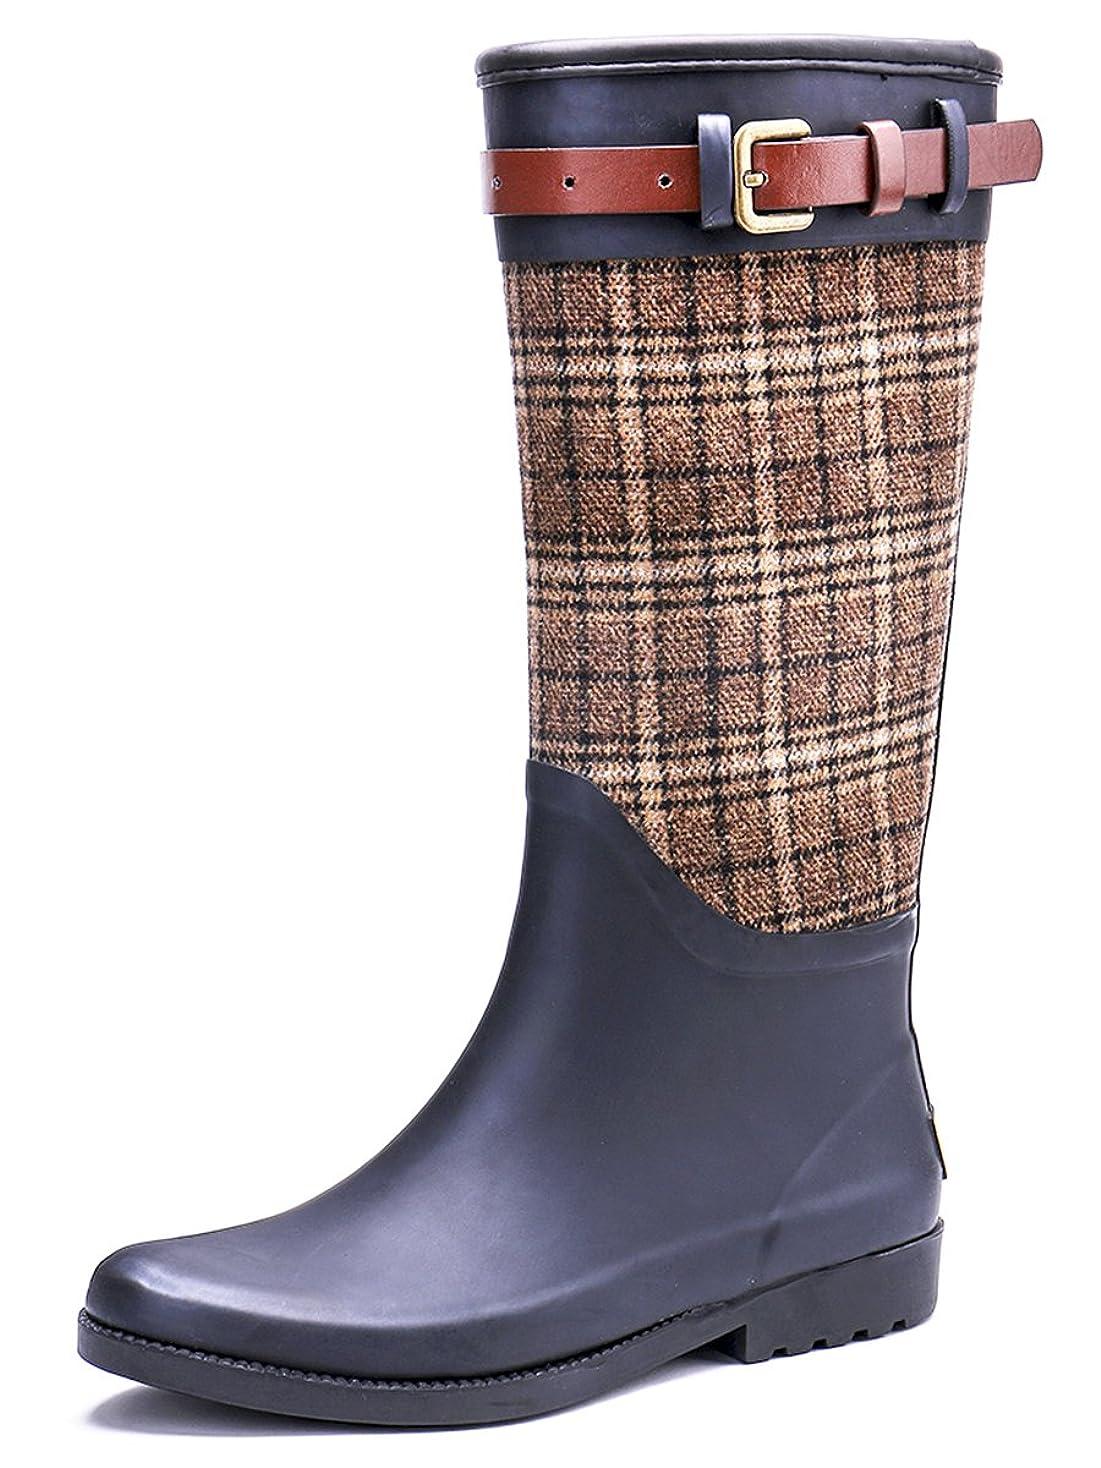 一目ニュースチャールズキージング[トングプー] レディース ベルト付 ロング丈 レイン ブーツ 長靴 作業靴 雨靴 防水 おしゃれ